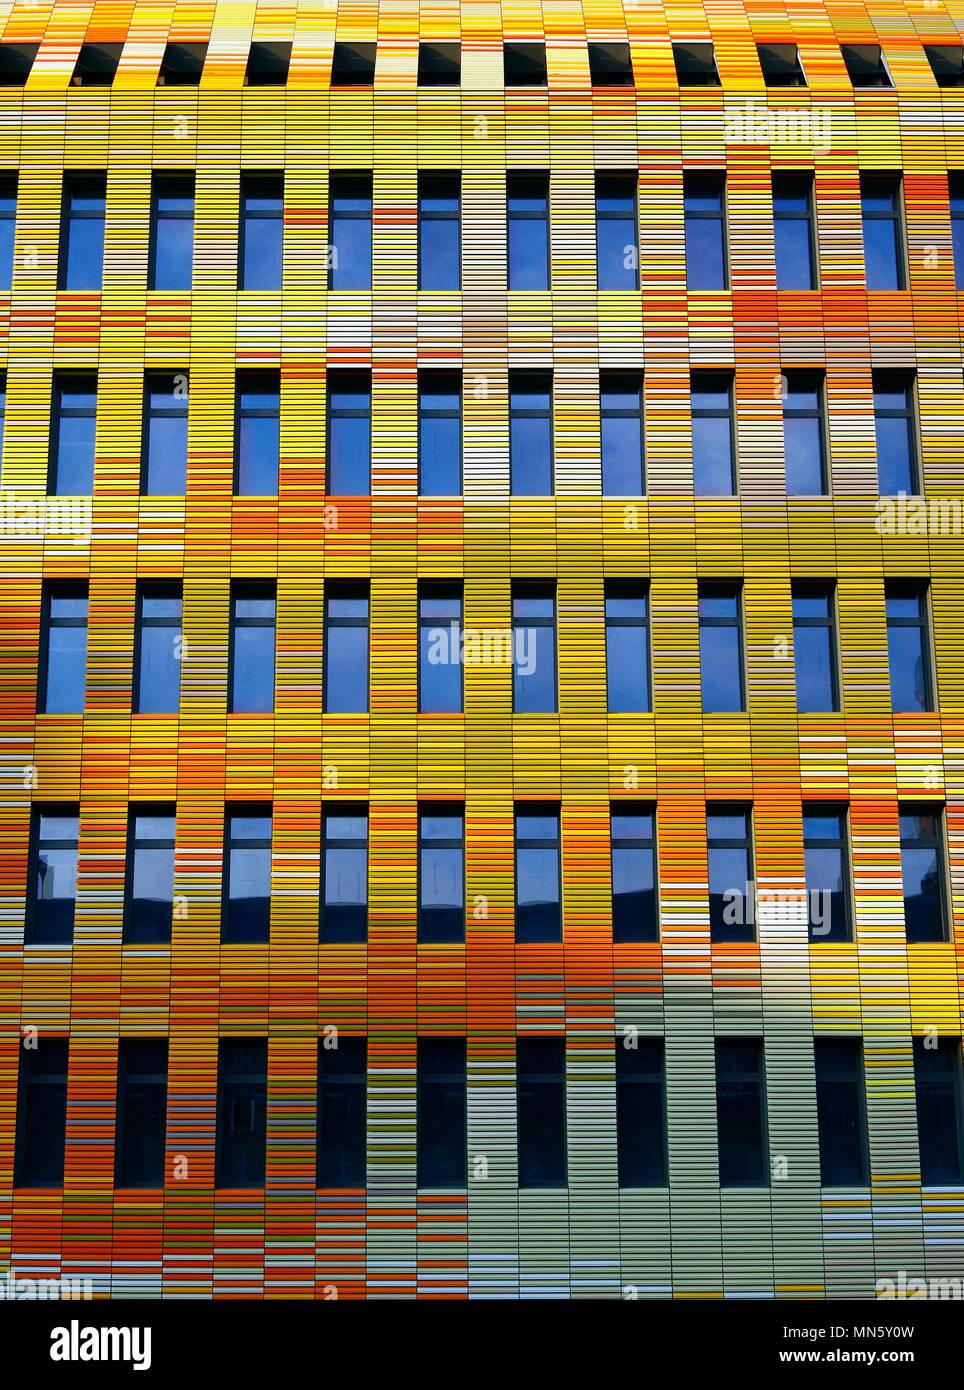 Strasburgo Francia, edificio di colore luminoso per il centro per la ricerca biomedica dell' Ospedale universitario di Strasburgo, CHU. Immagini Stock